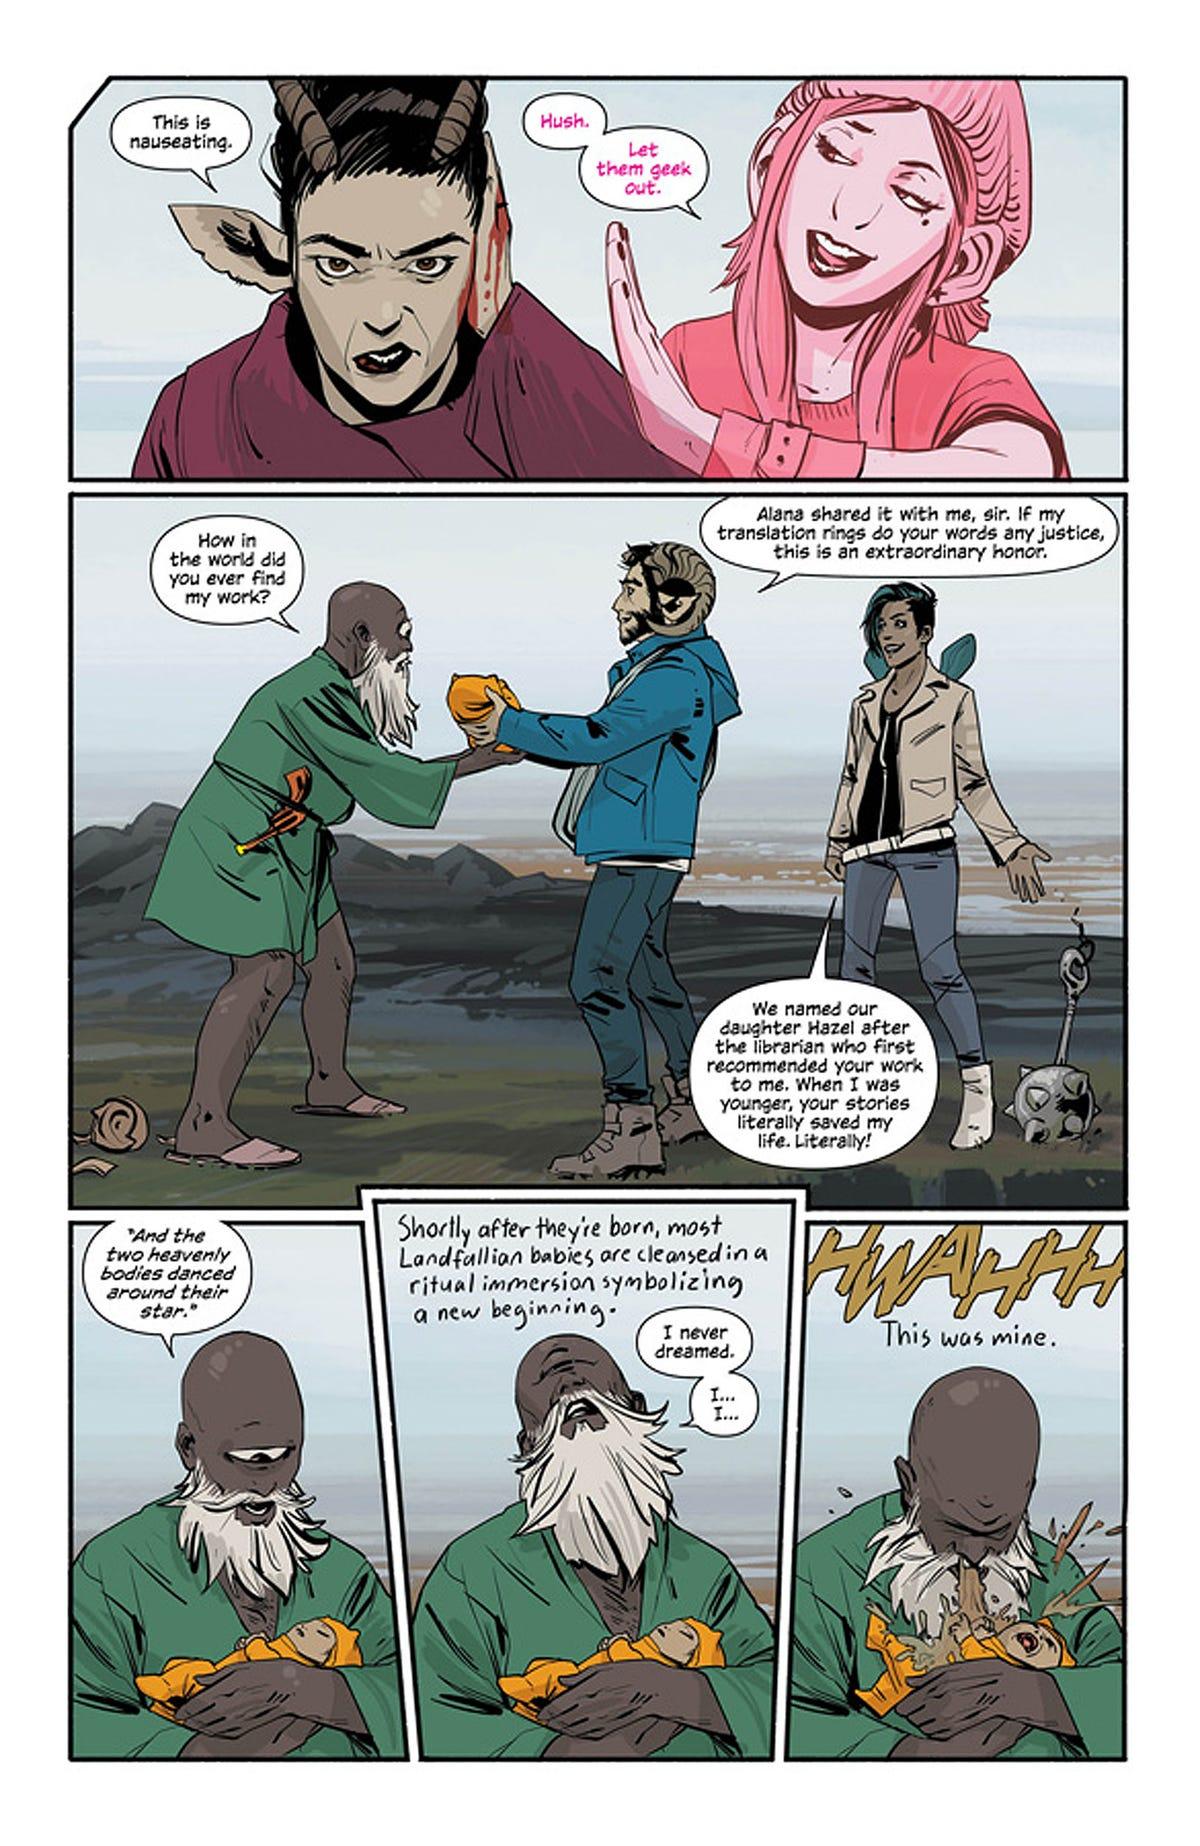 2013 in comic books: Hickman, 'Saga' rise to the top